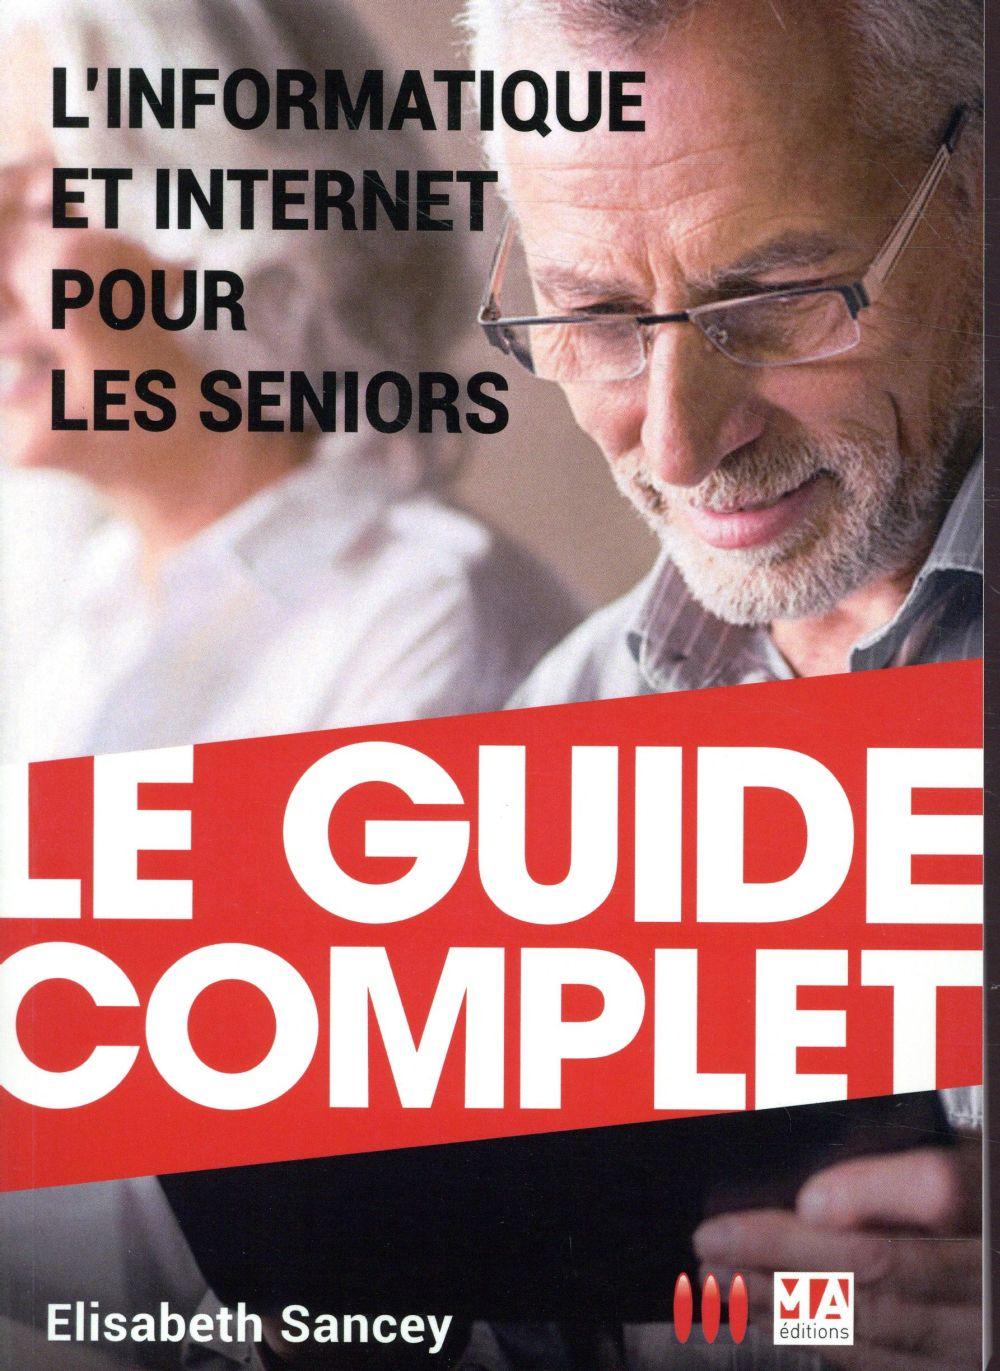 L'informatique et internet expliqués aux seniors (édition 2017)